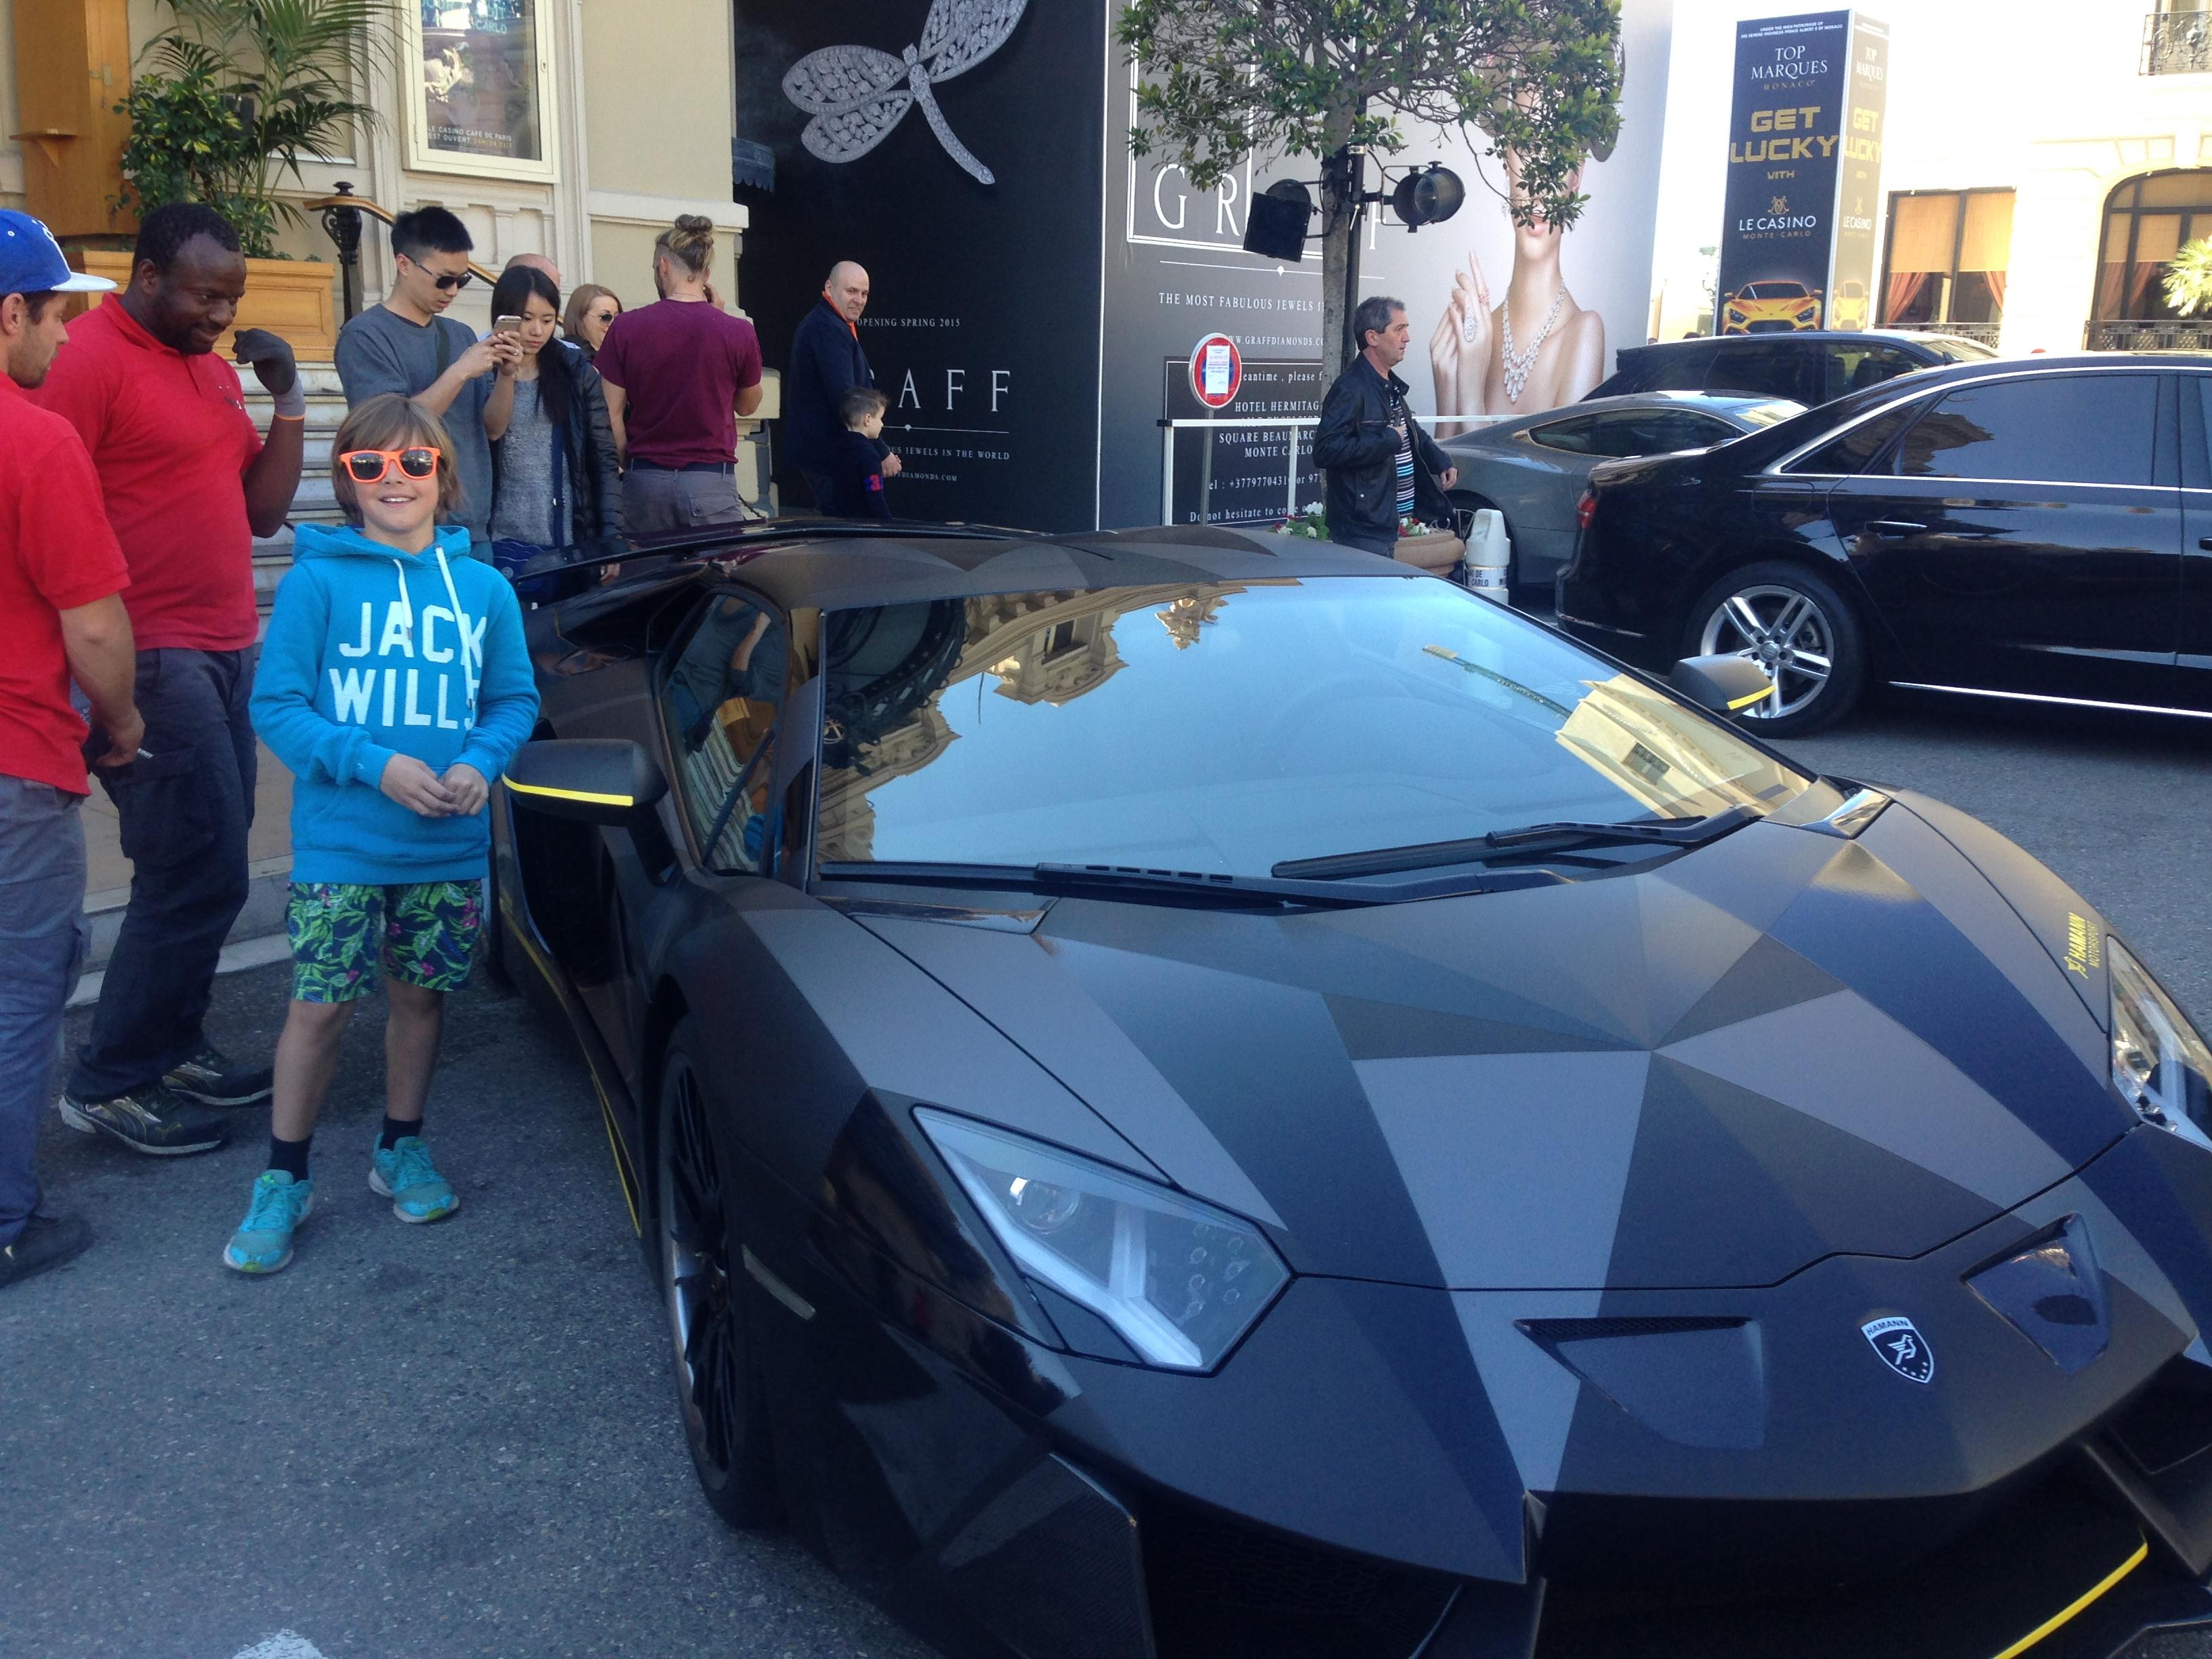 Cars in Monaco France